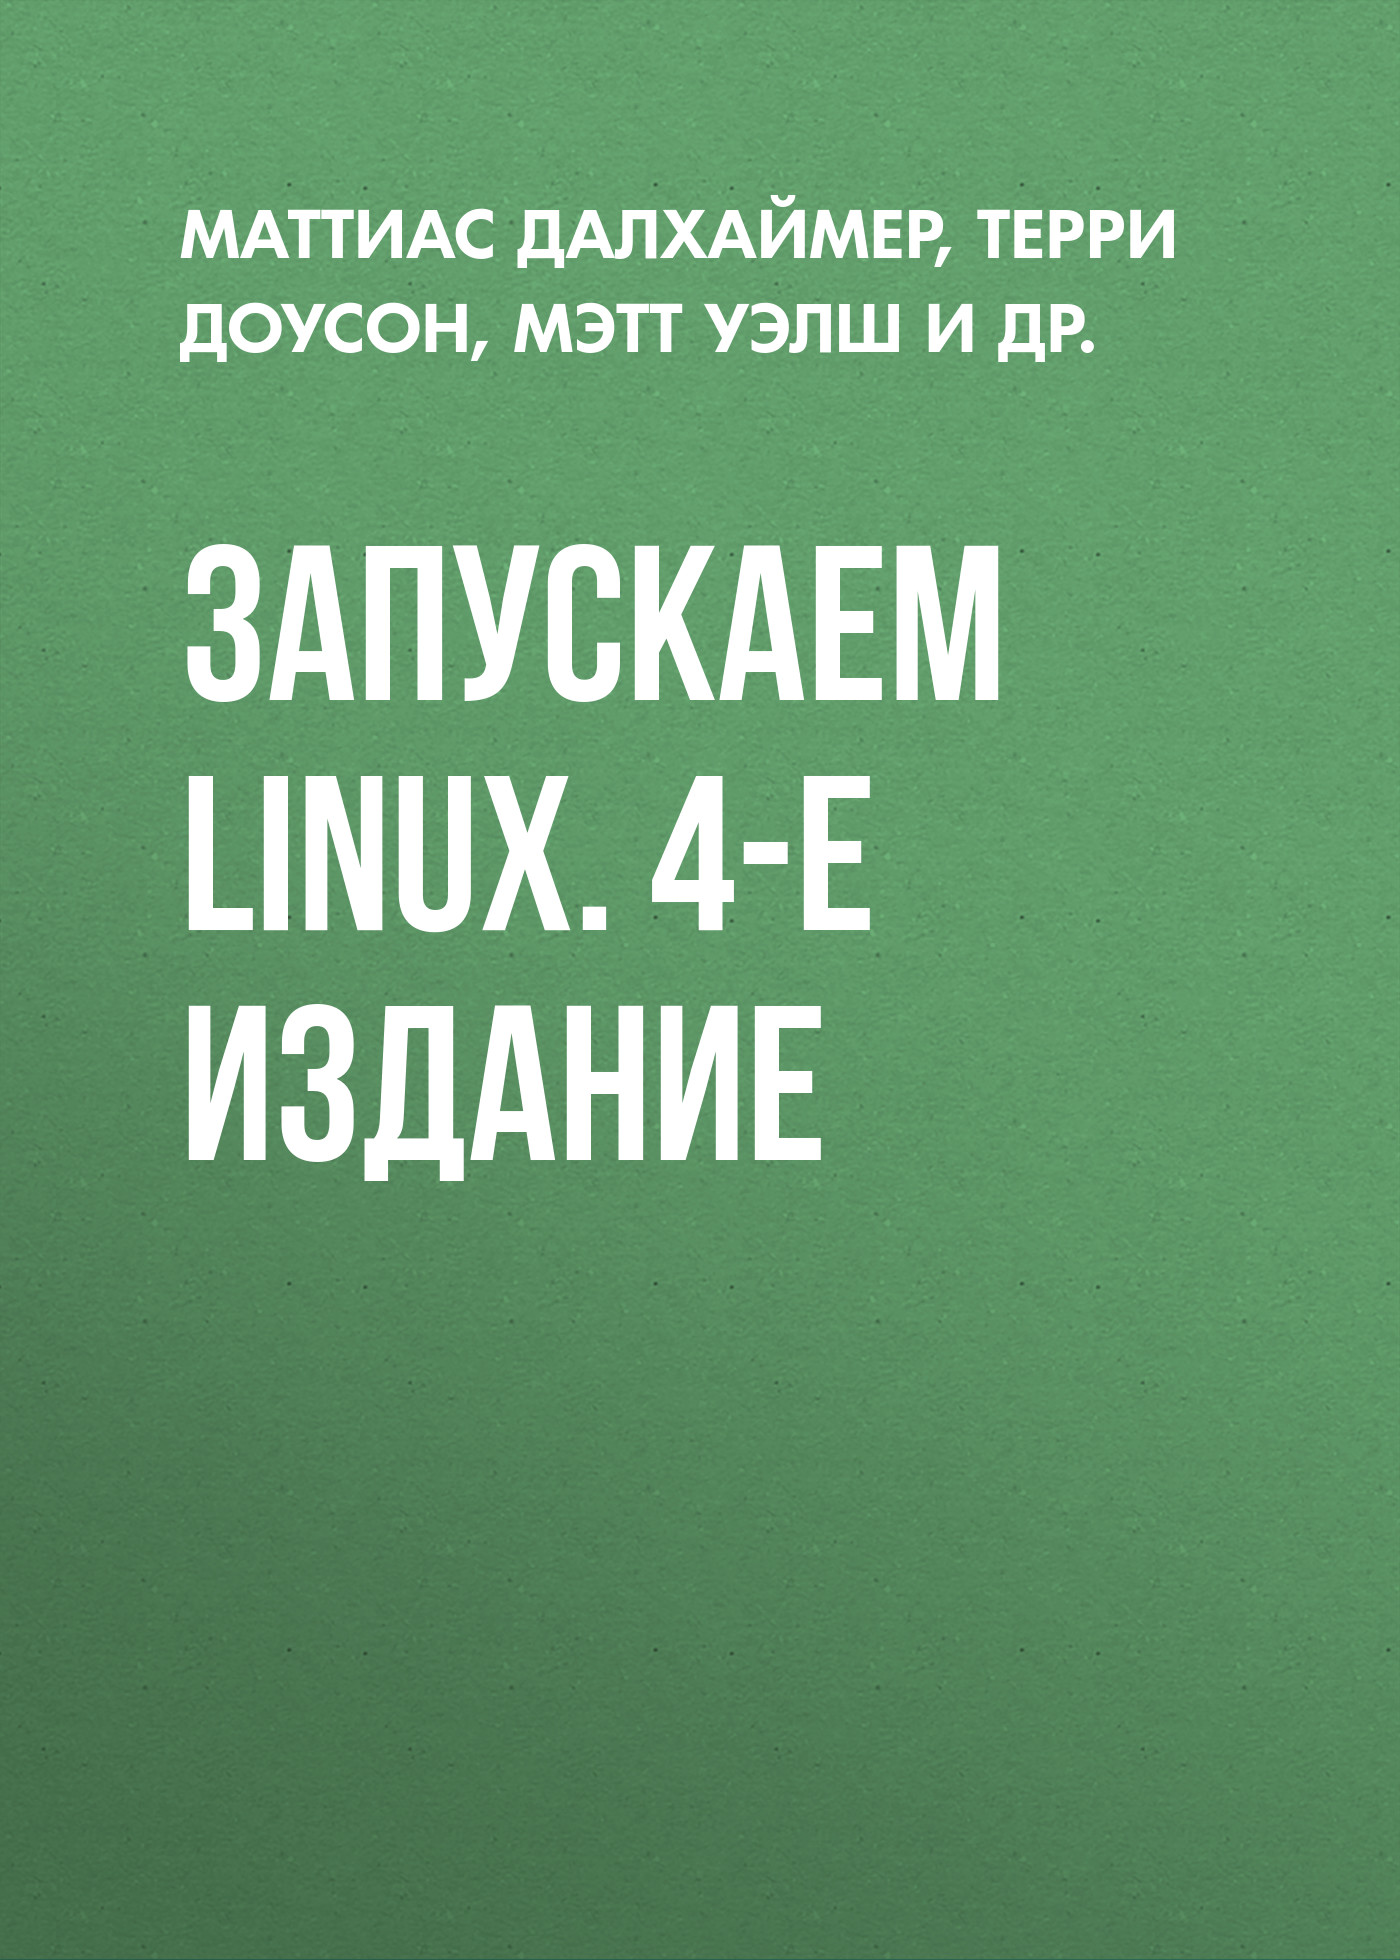 цена на Маттиас Далхаймер Запускаем Linux. 4-е издание